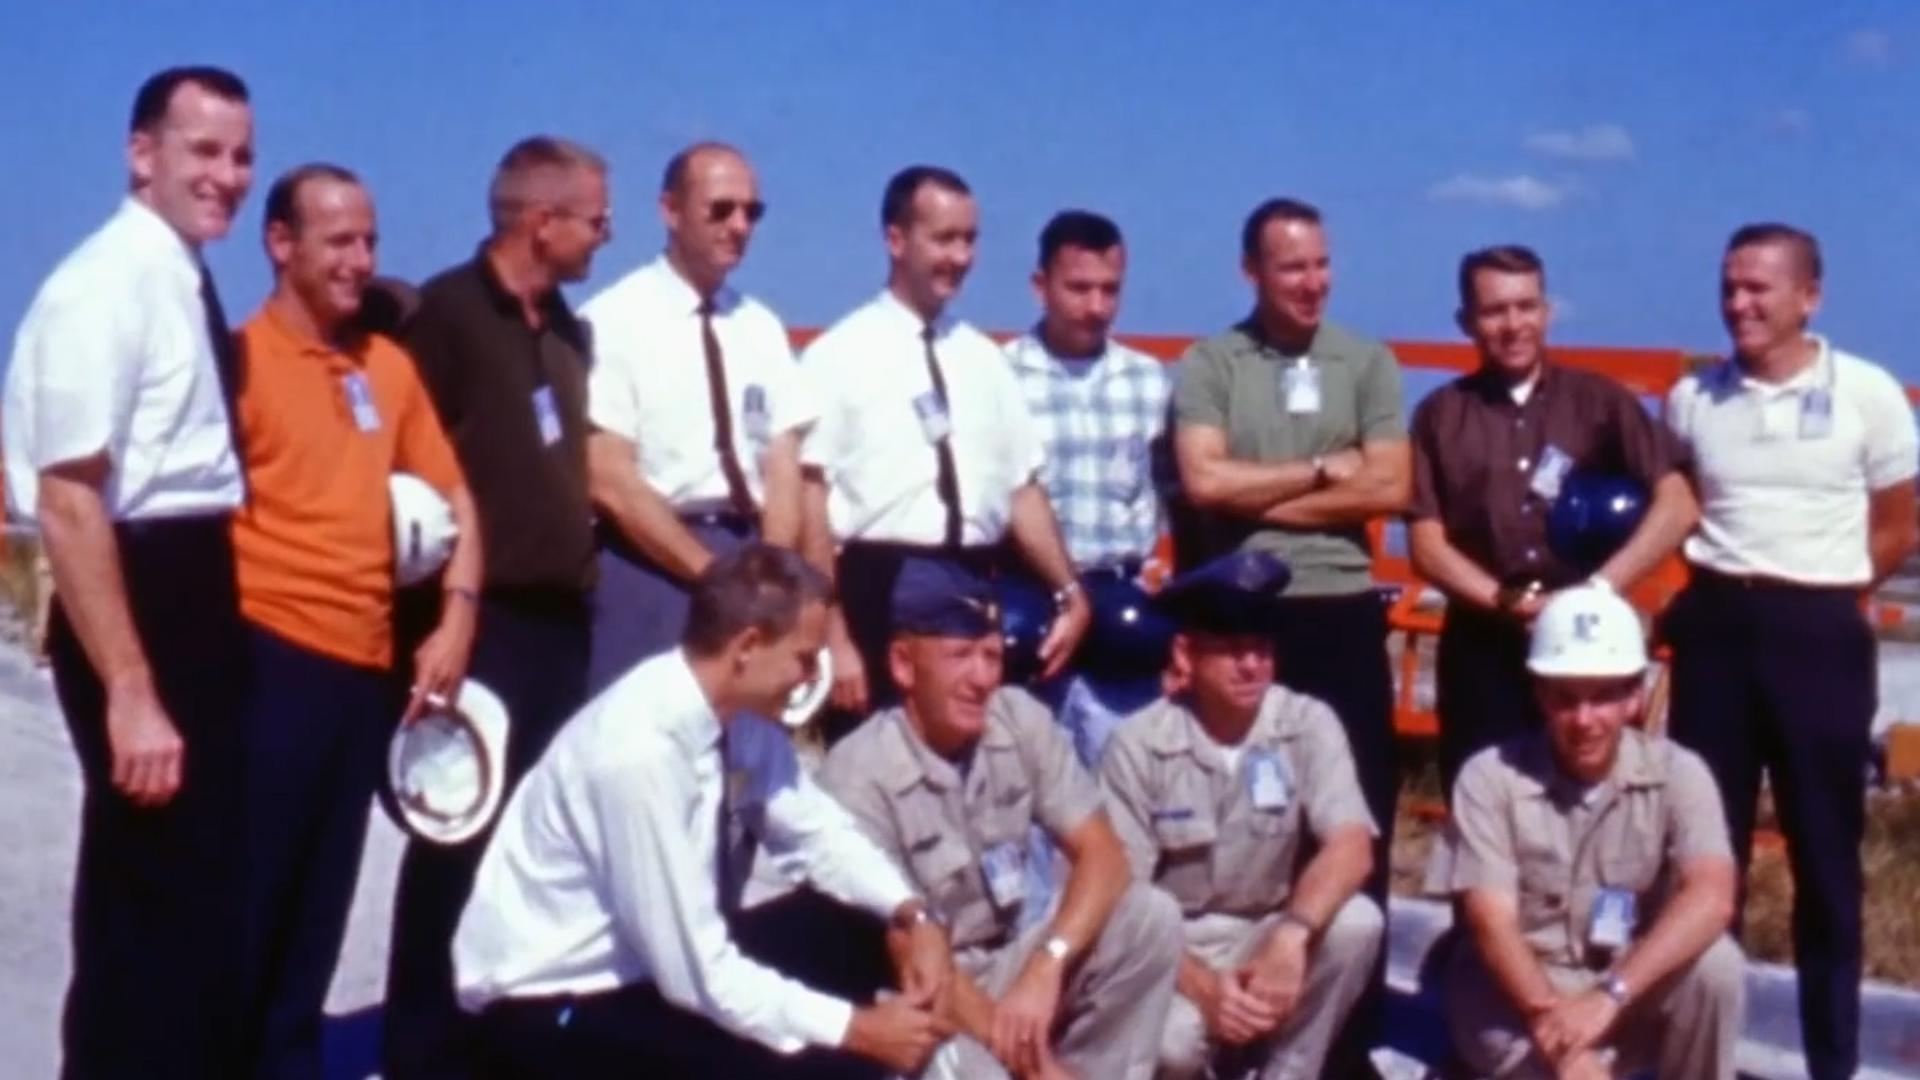 回顾50年前美国登月全程,阿波罗计划不存在造假,也没必要造假!